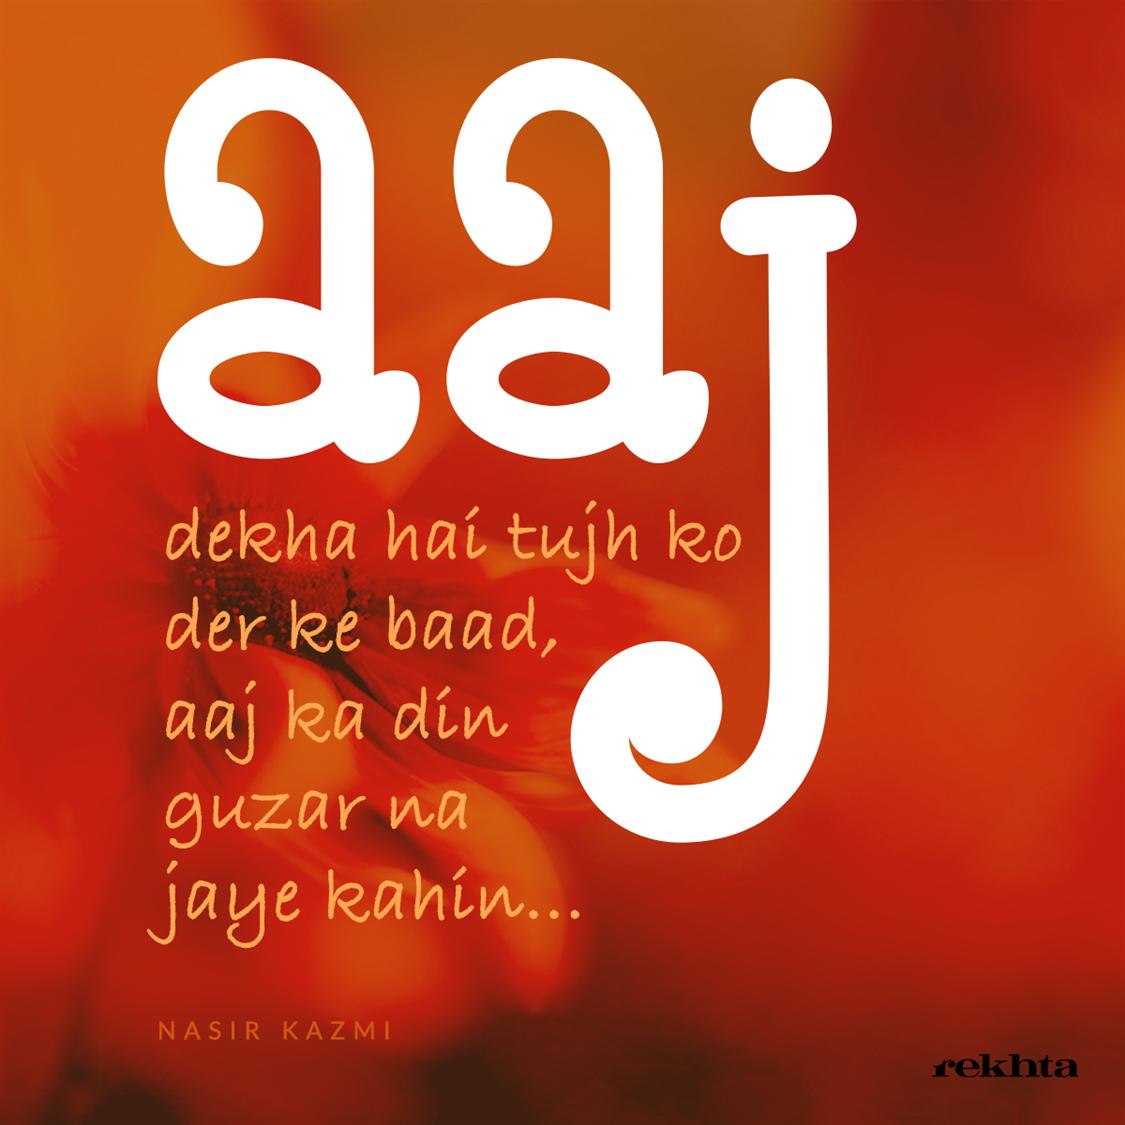 aaj dekhaa hai tujh ko der ke ba.ad-Nasir Kazmi